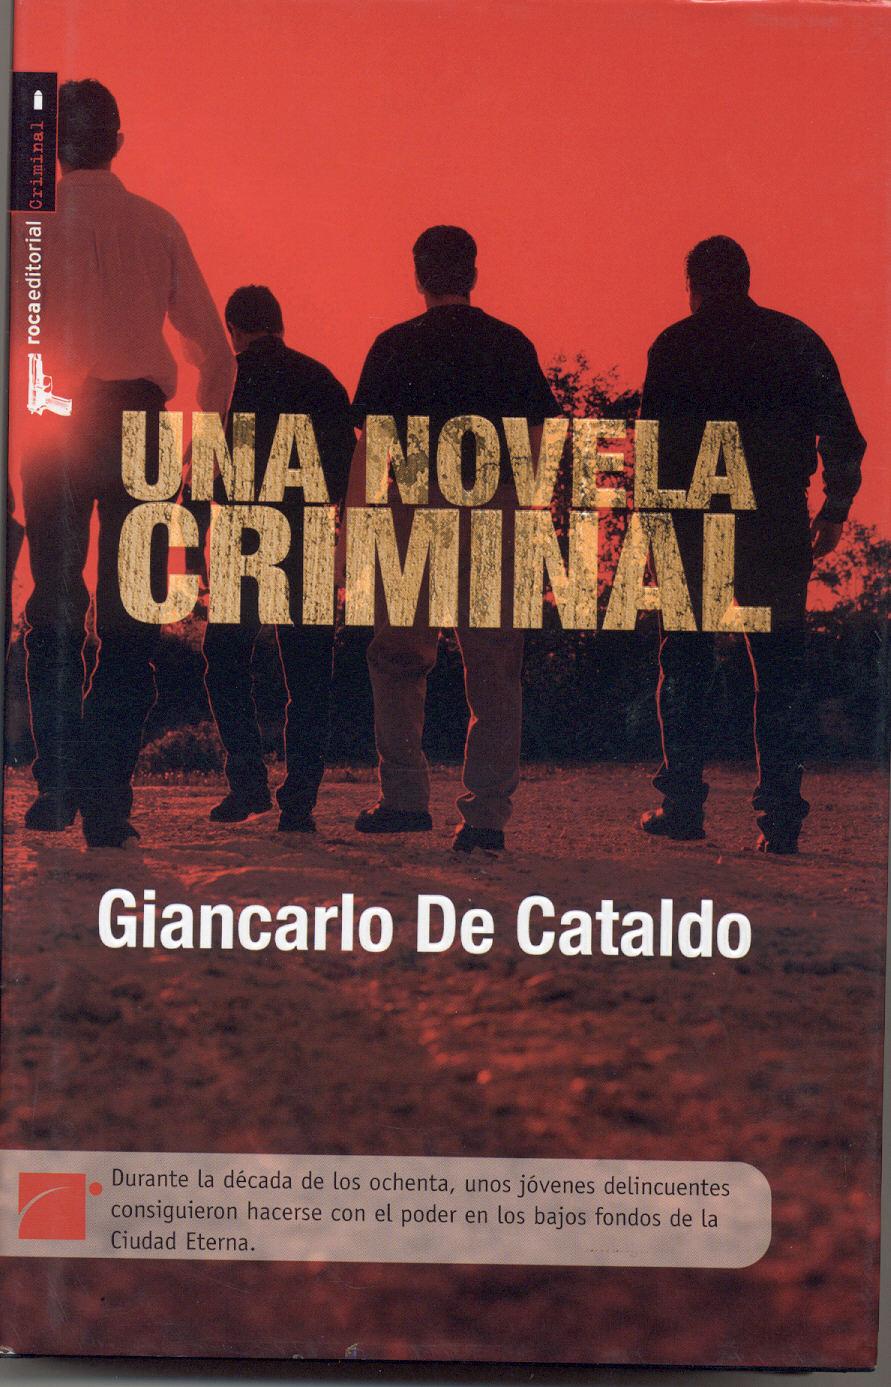 Roma criminal, Giancarlo de Cataldo Novela-criminal